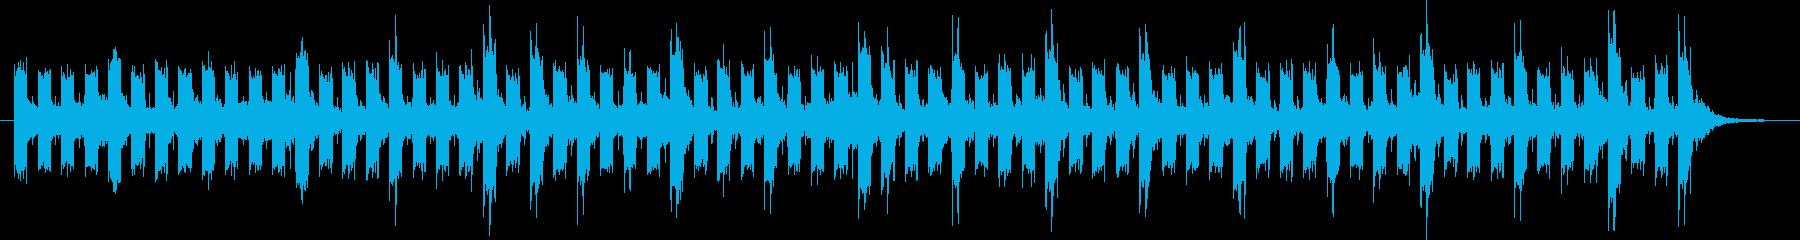 ベースの低音が基調のスローテンポな曲の再生済みの波形